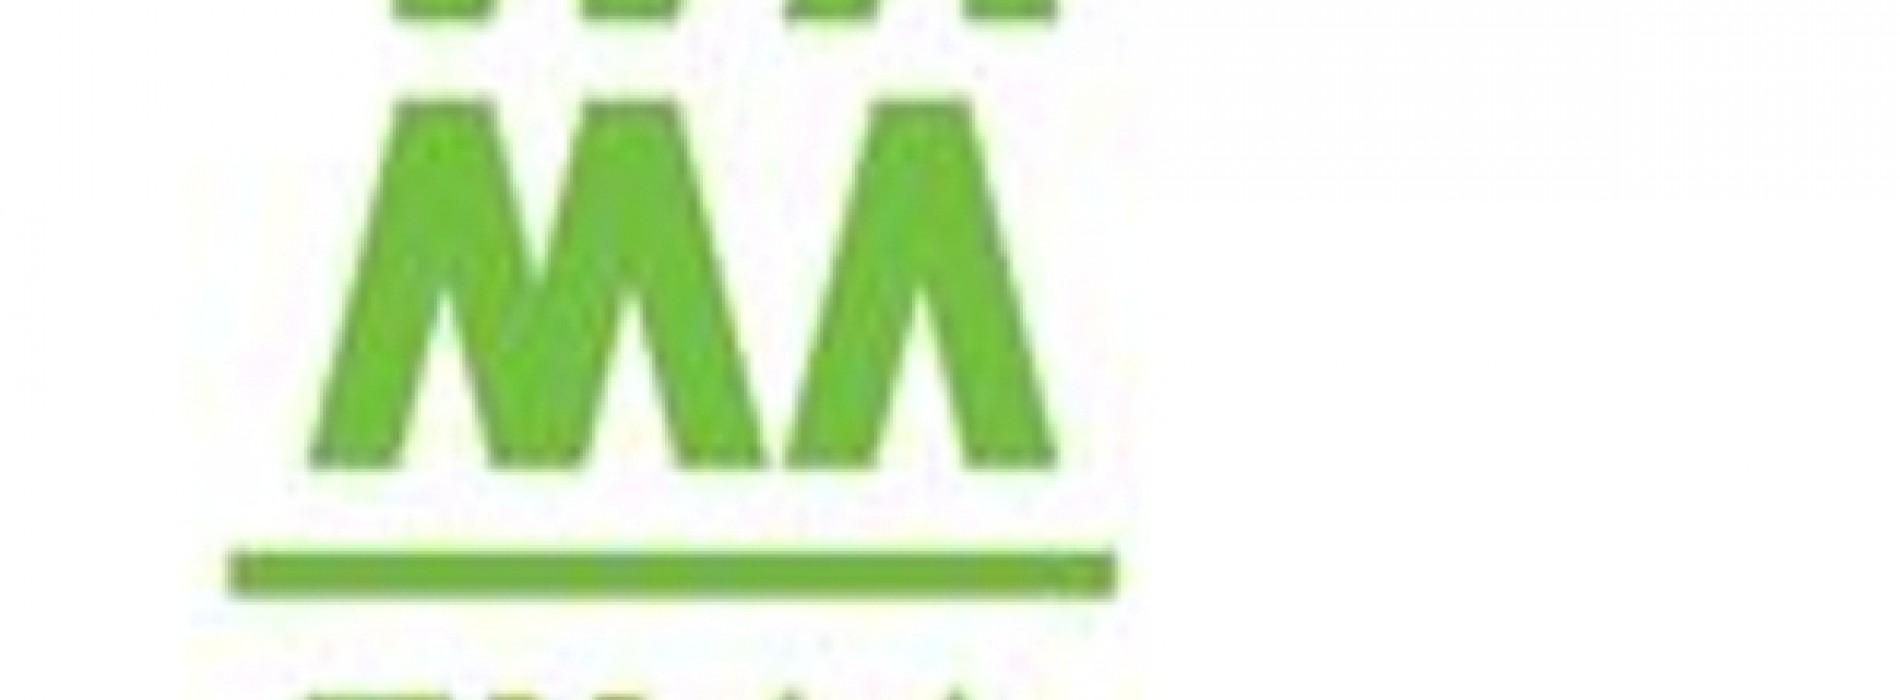 10 października rozpocznie się WAMA Film Festival